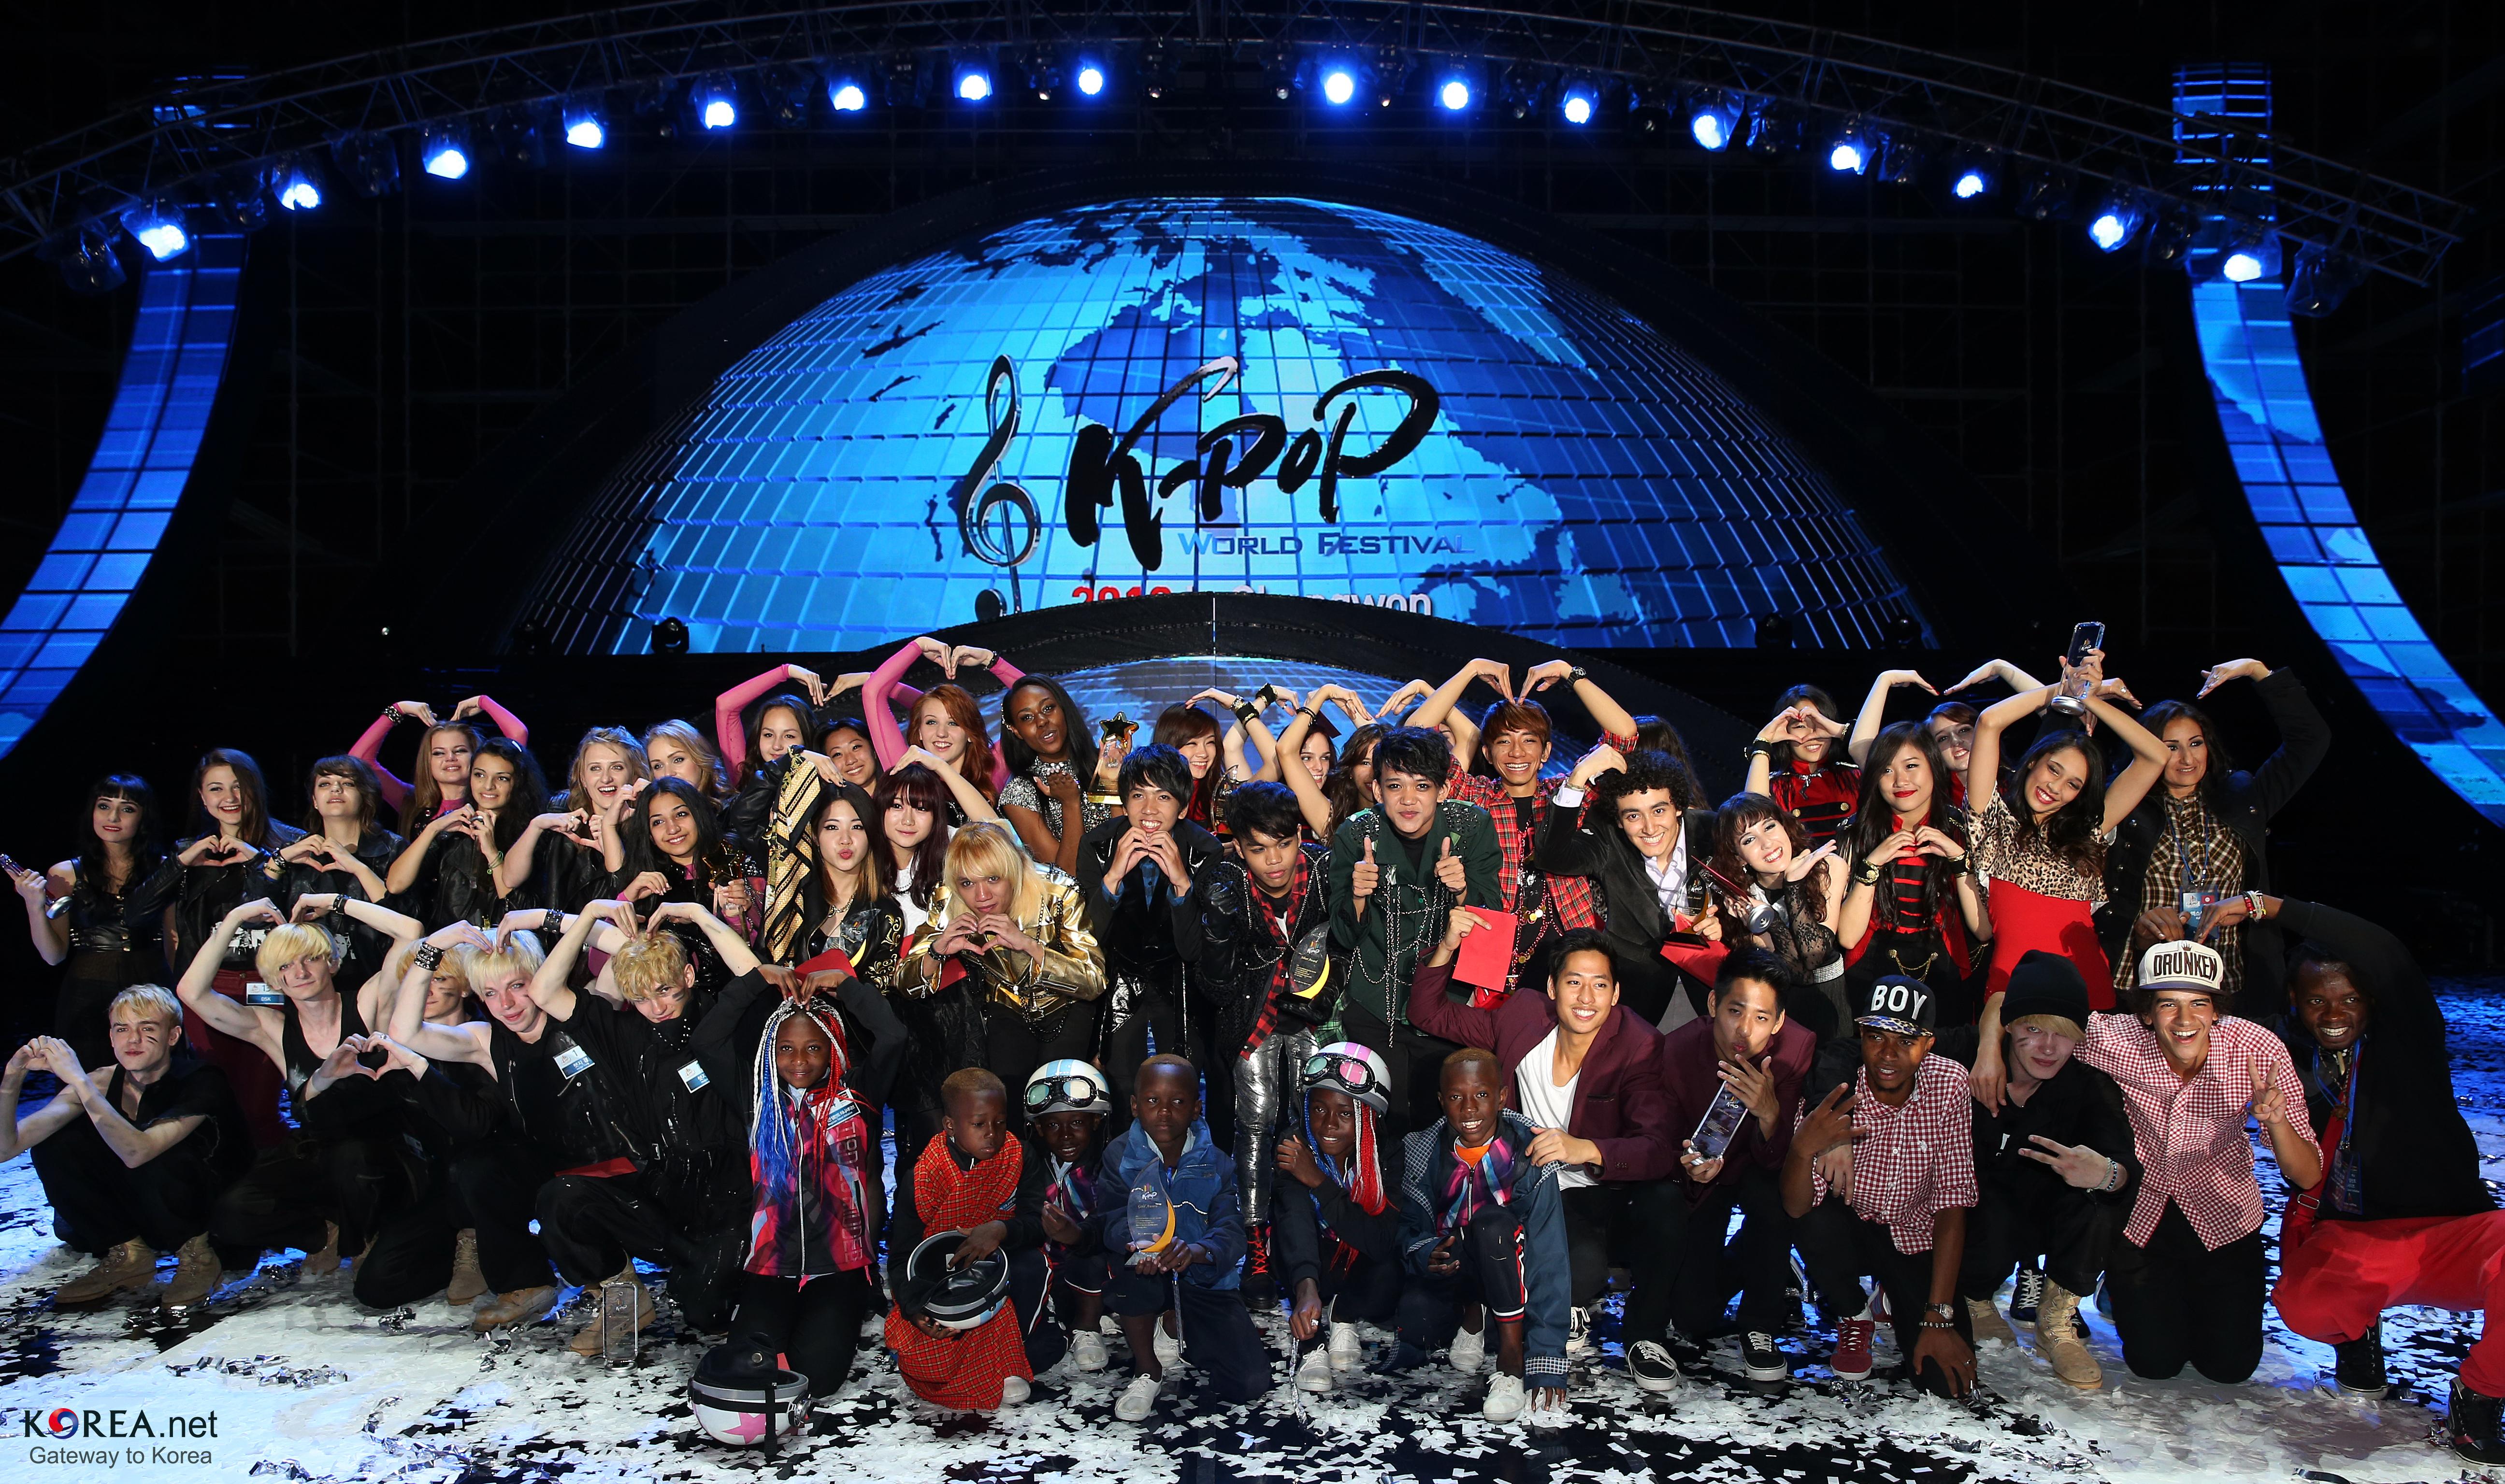 K-Pop World Festival - Wikipedia